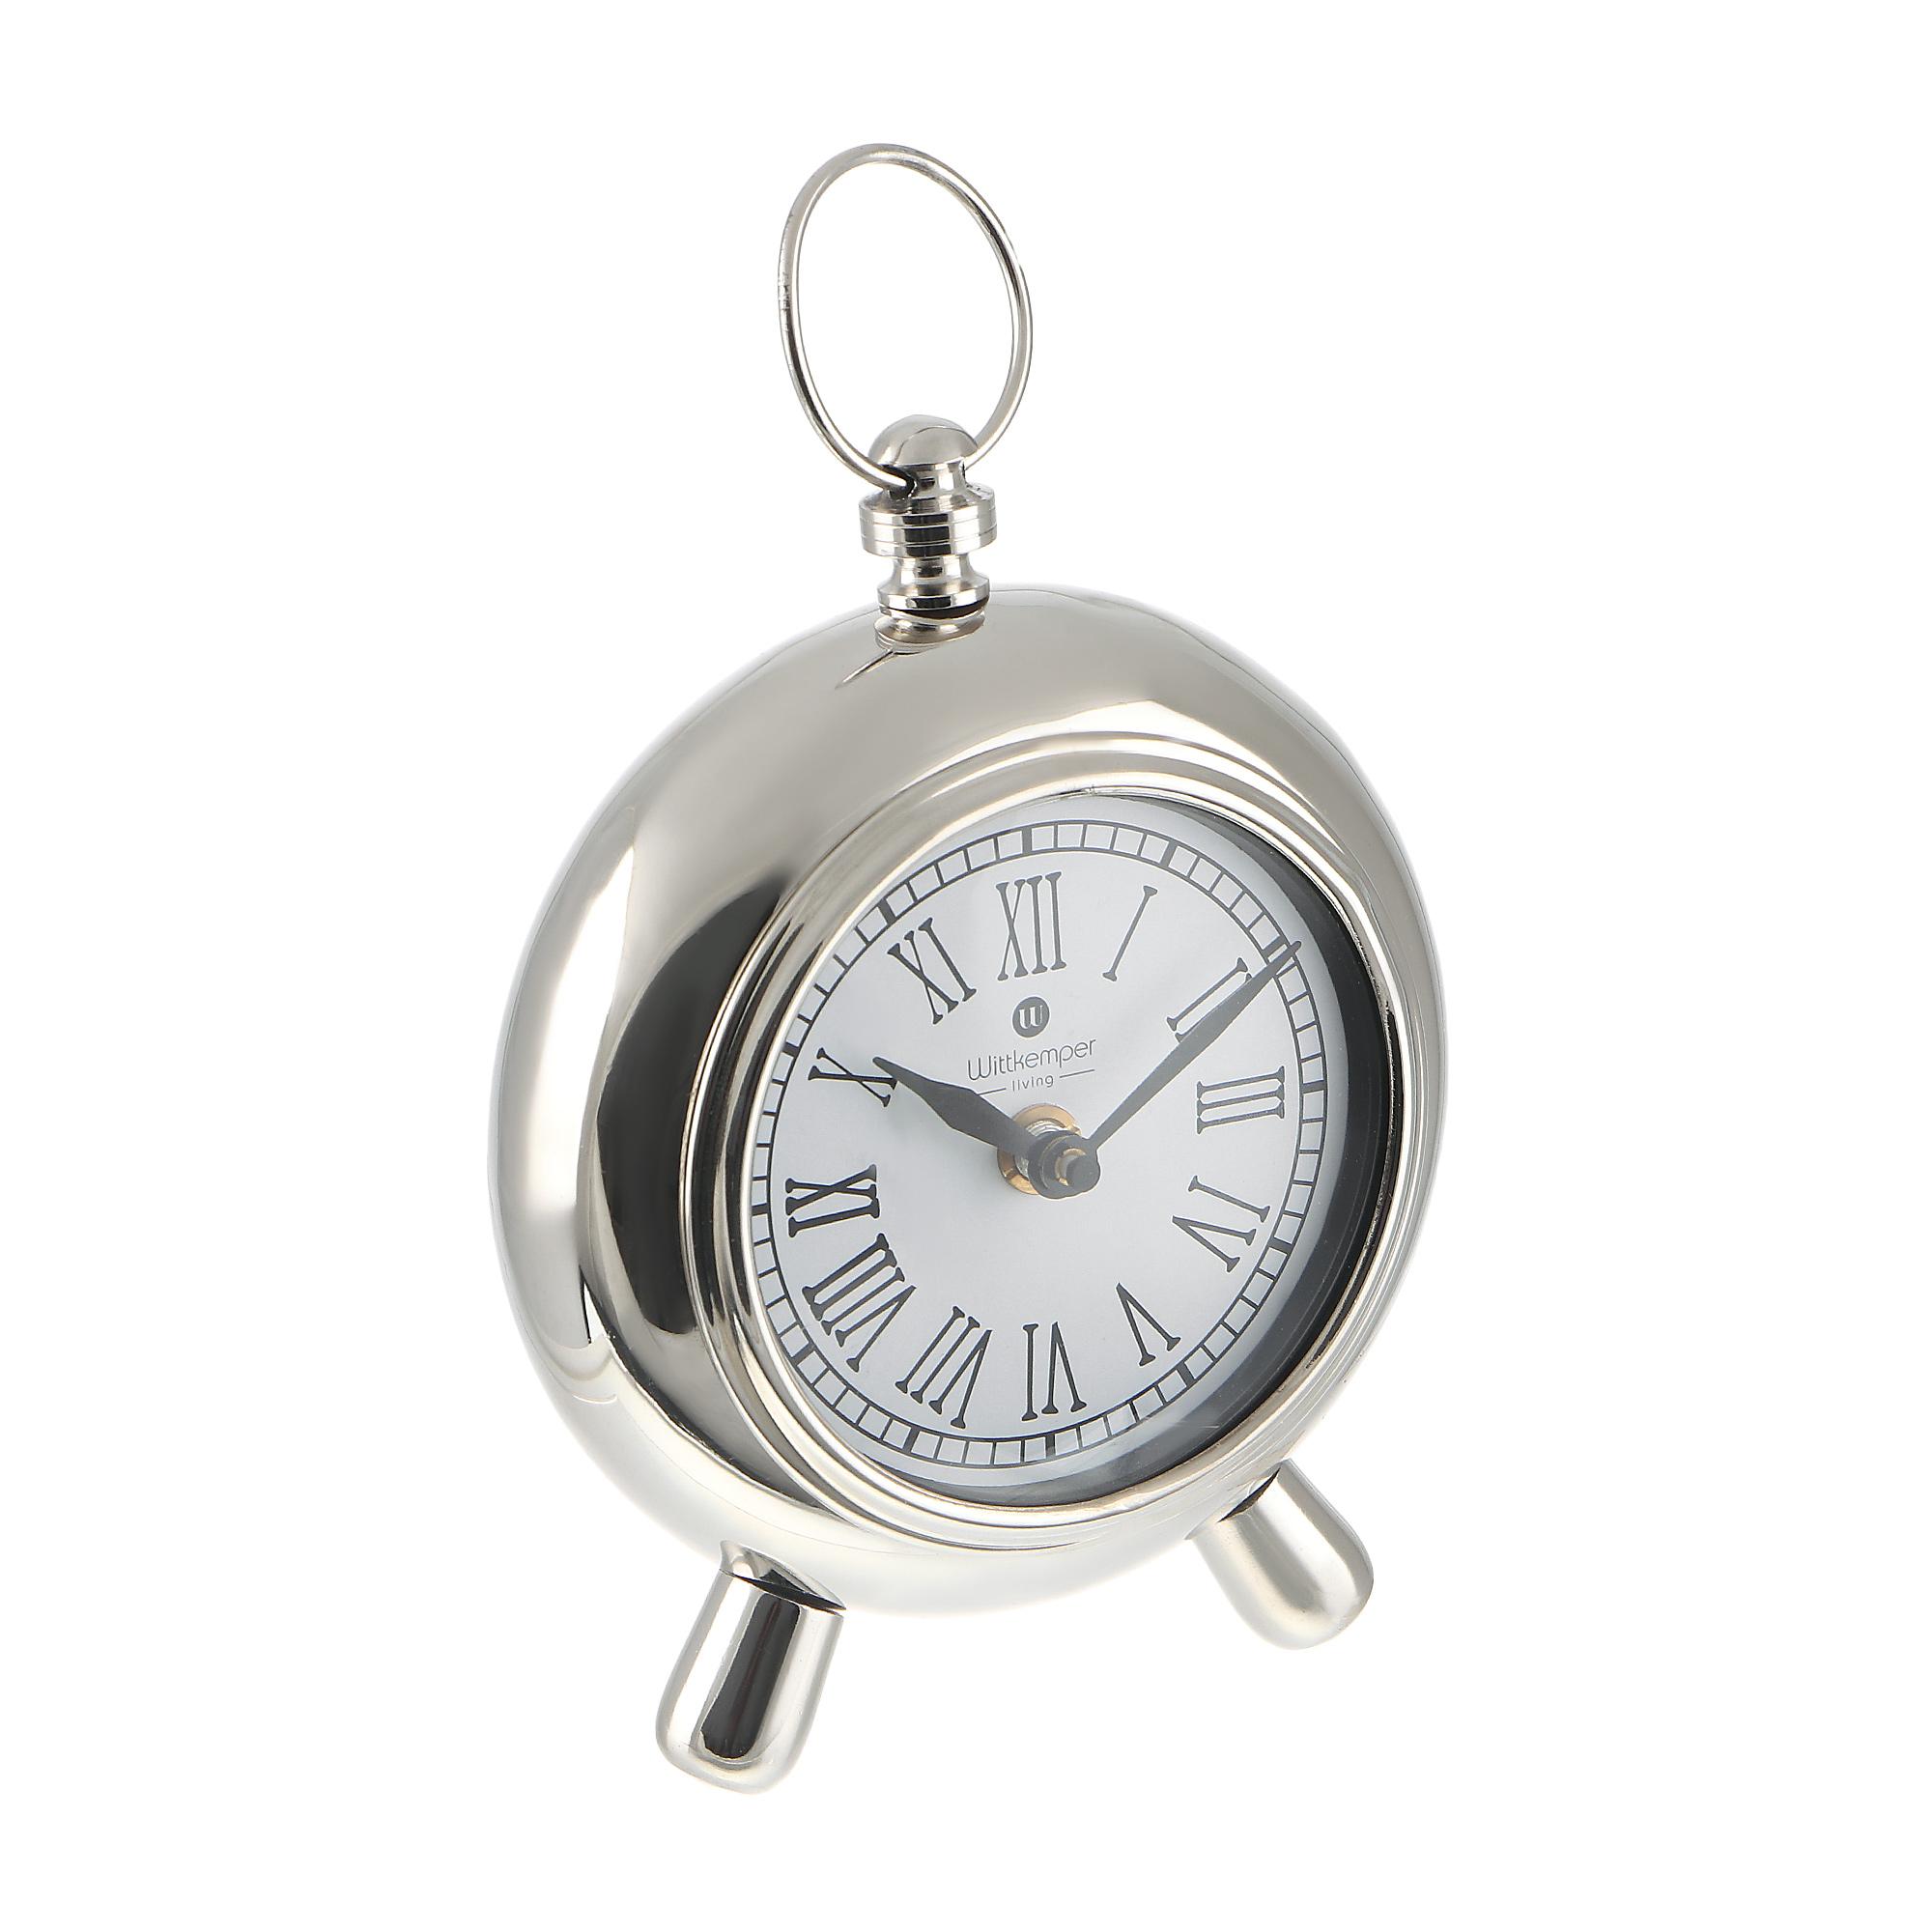 Часы настольные Wittkemper grandfather francois часы настольные wittkemper grandfather francois